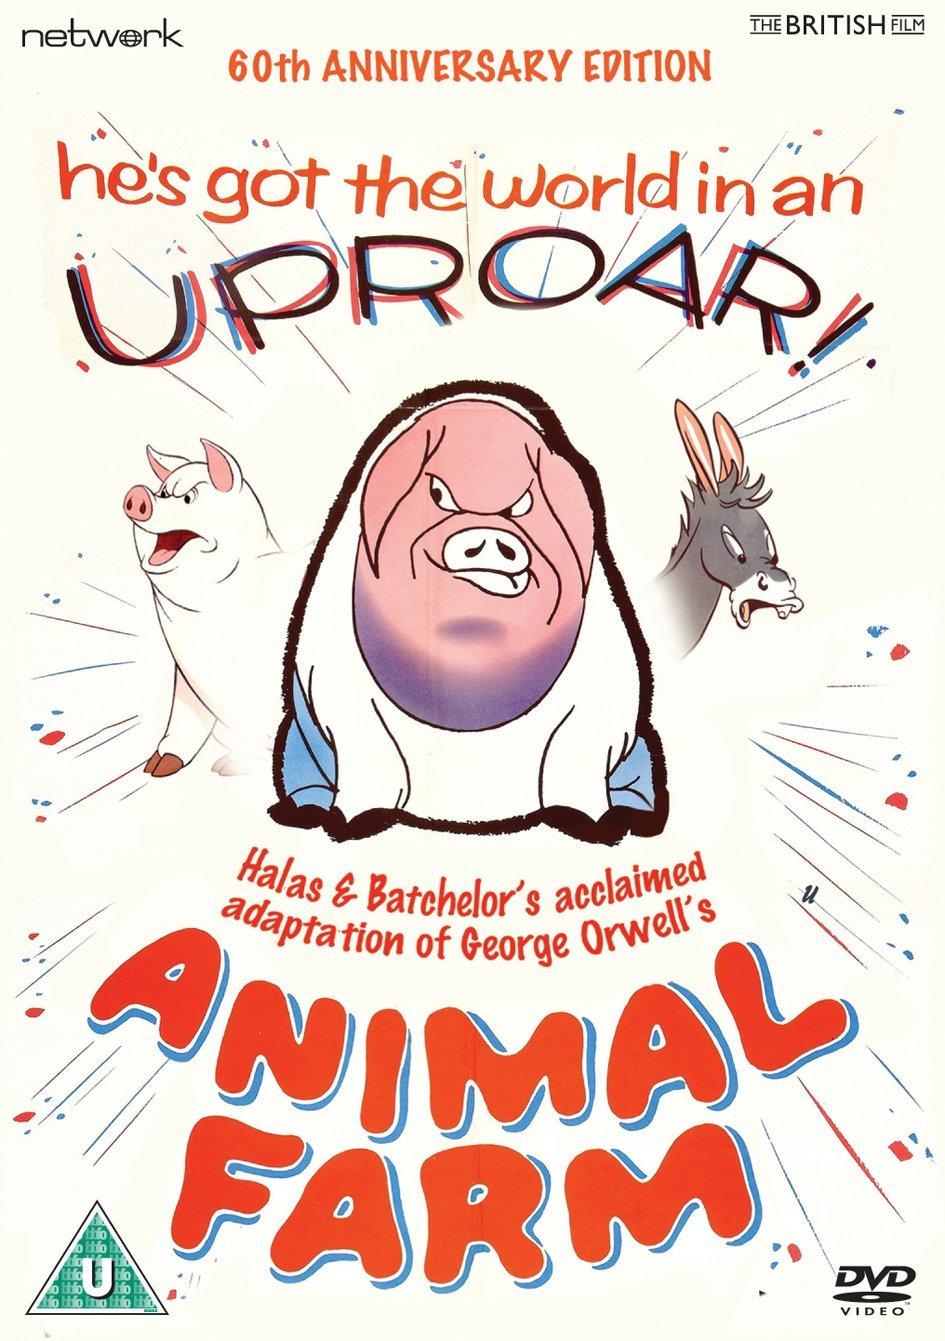 El Primer Largometraje Animado Británico De Amplia Distribución Fue La Granja De Los Animales 1954 Basada En La Animales De La Granja Animales George Orwell